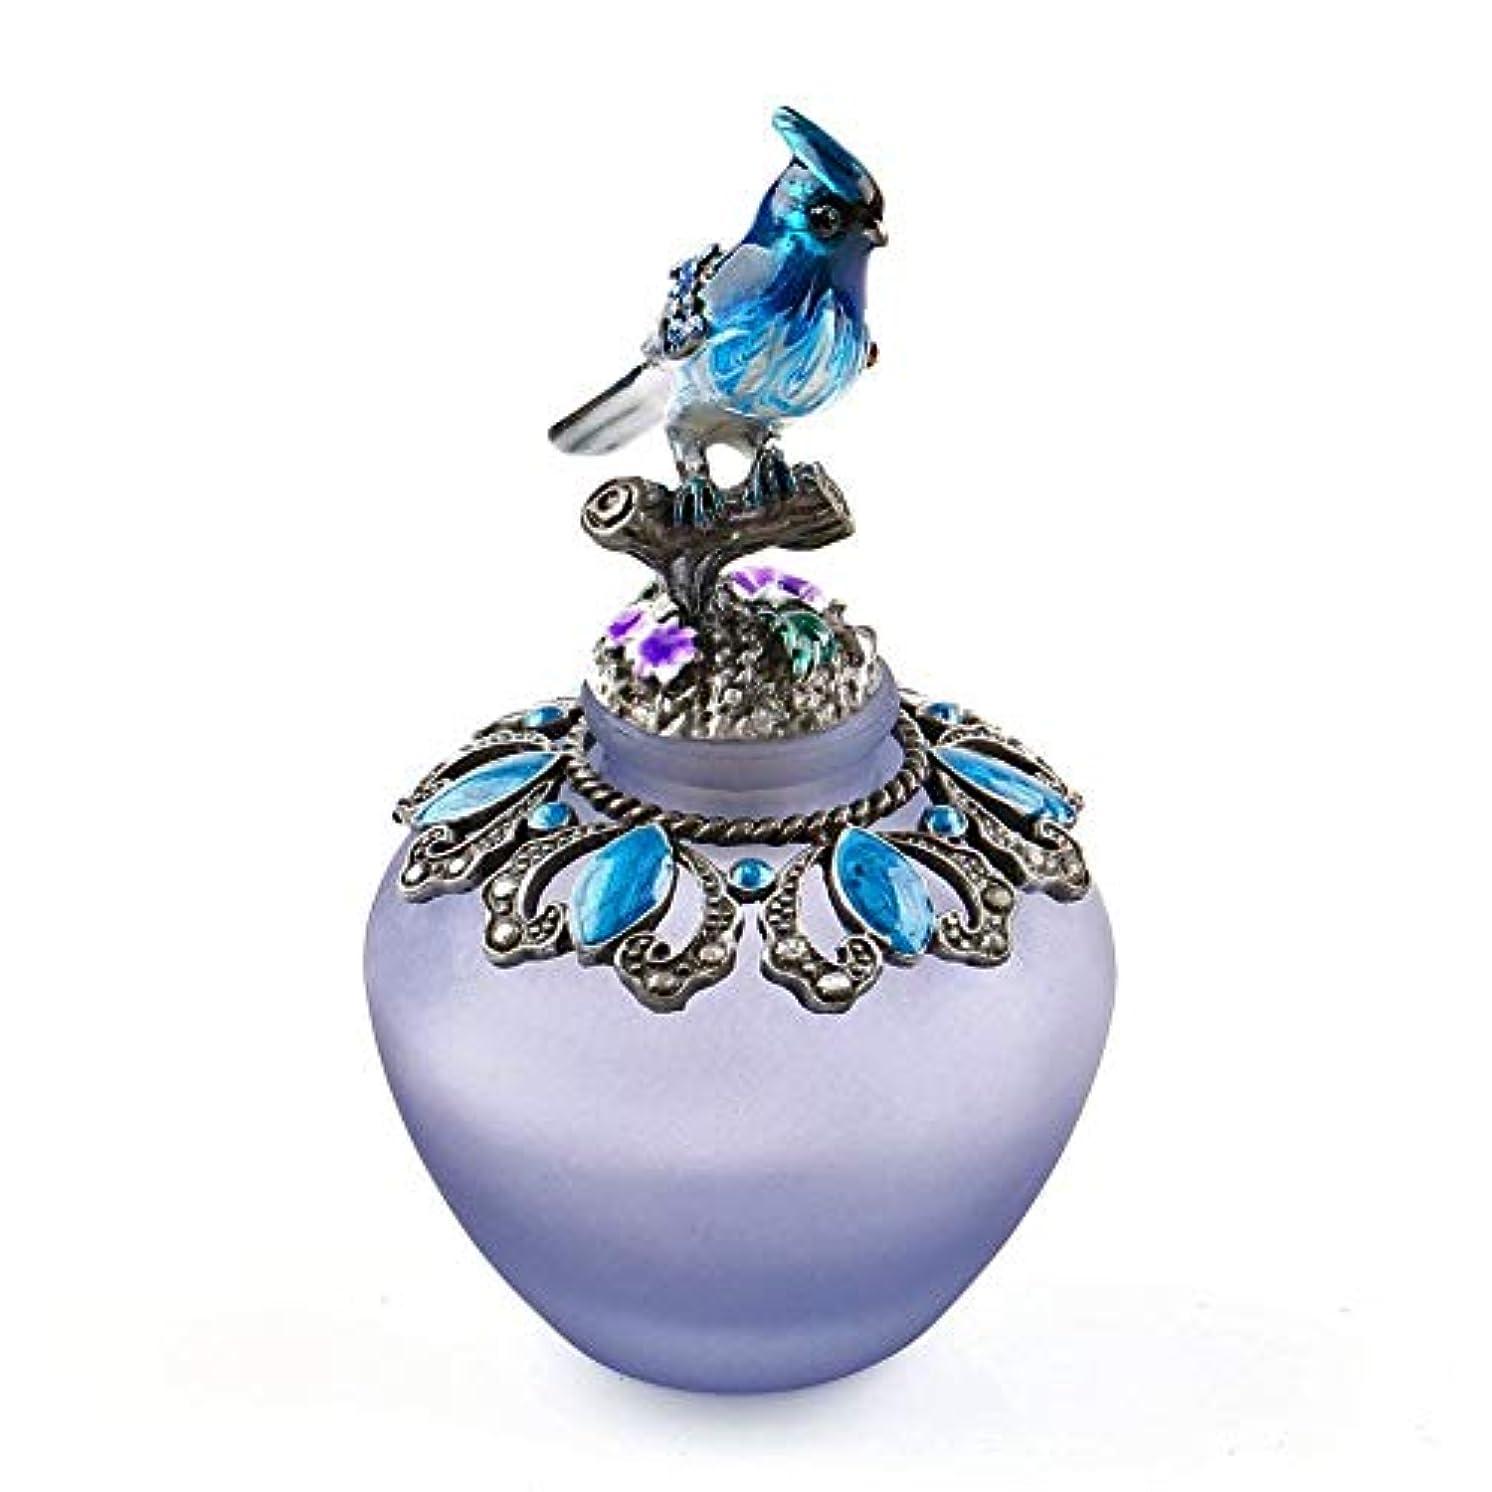 不完全な任命ドラッグEasyRaku 高品質 美しい香水瓶 鳥40ML ガラスアロマボトル 綺麗アンティーク調欧風デザイン クリスマスプレゼント 結婚式 飾り